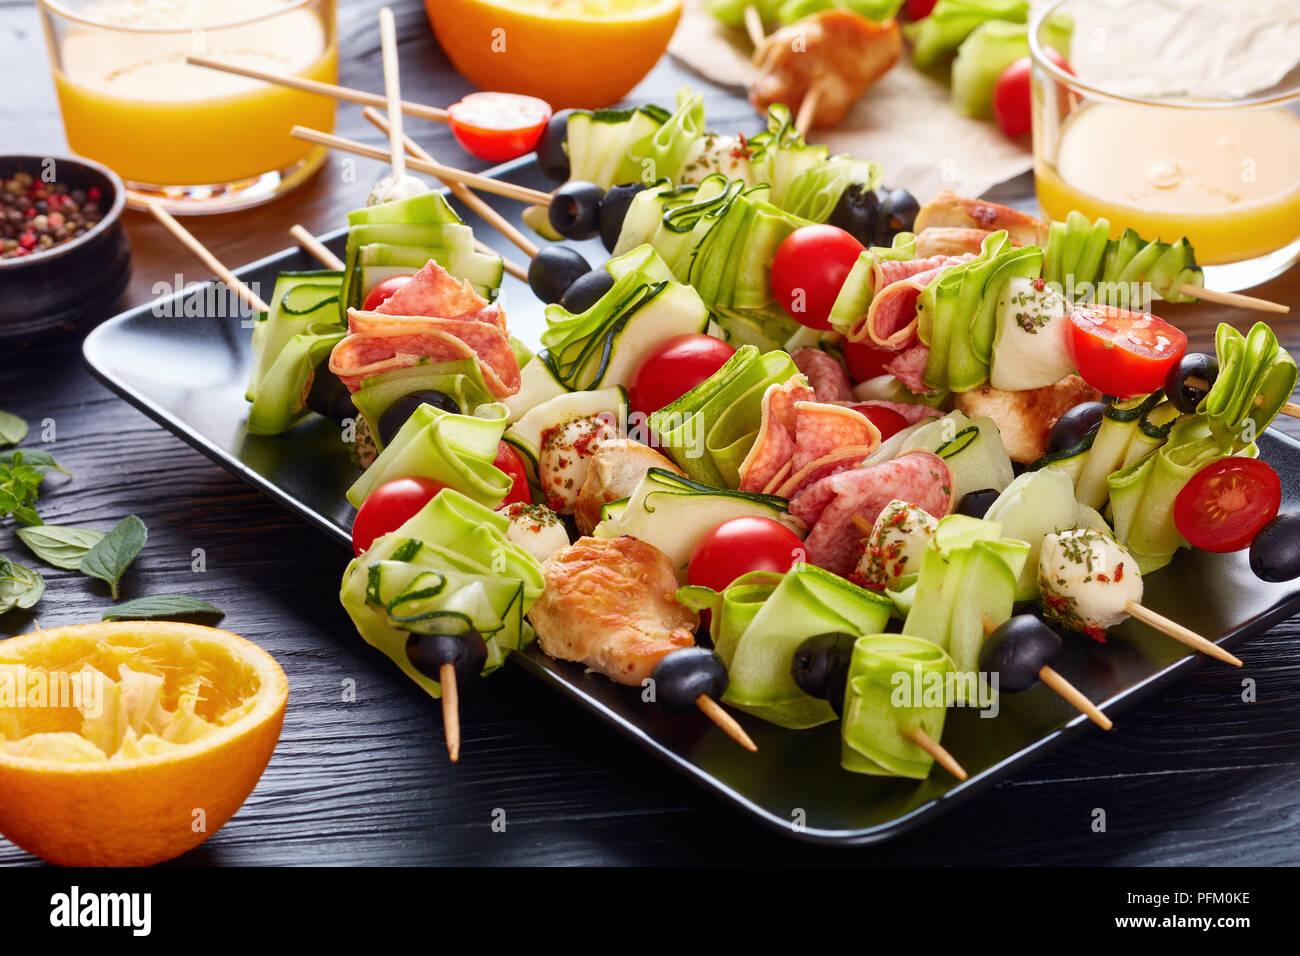 Kebab su spiedini con carne di pollo, zucchine, pomodori, mozzarella, sfere, fette di salame, olive su una piastra nera su di un tavolo di legno con succo di arancia j Immagini Stock